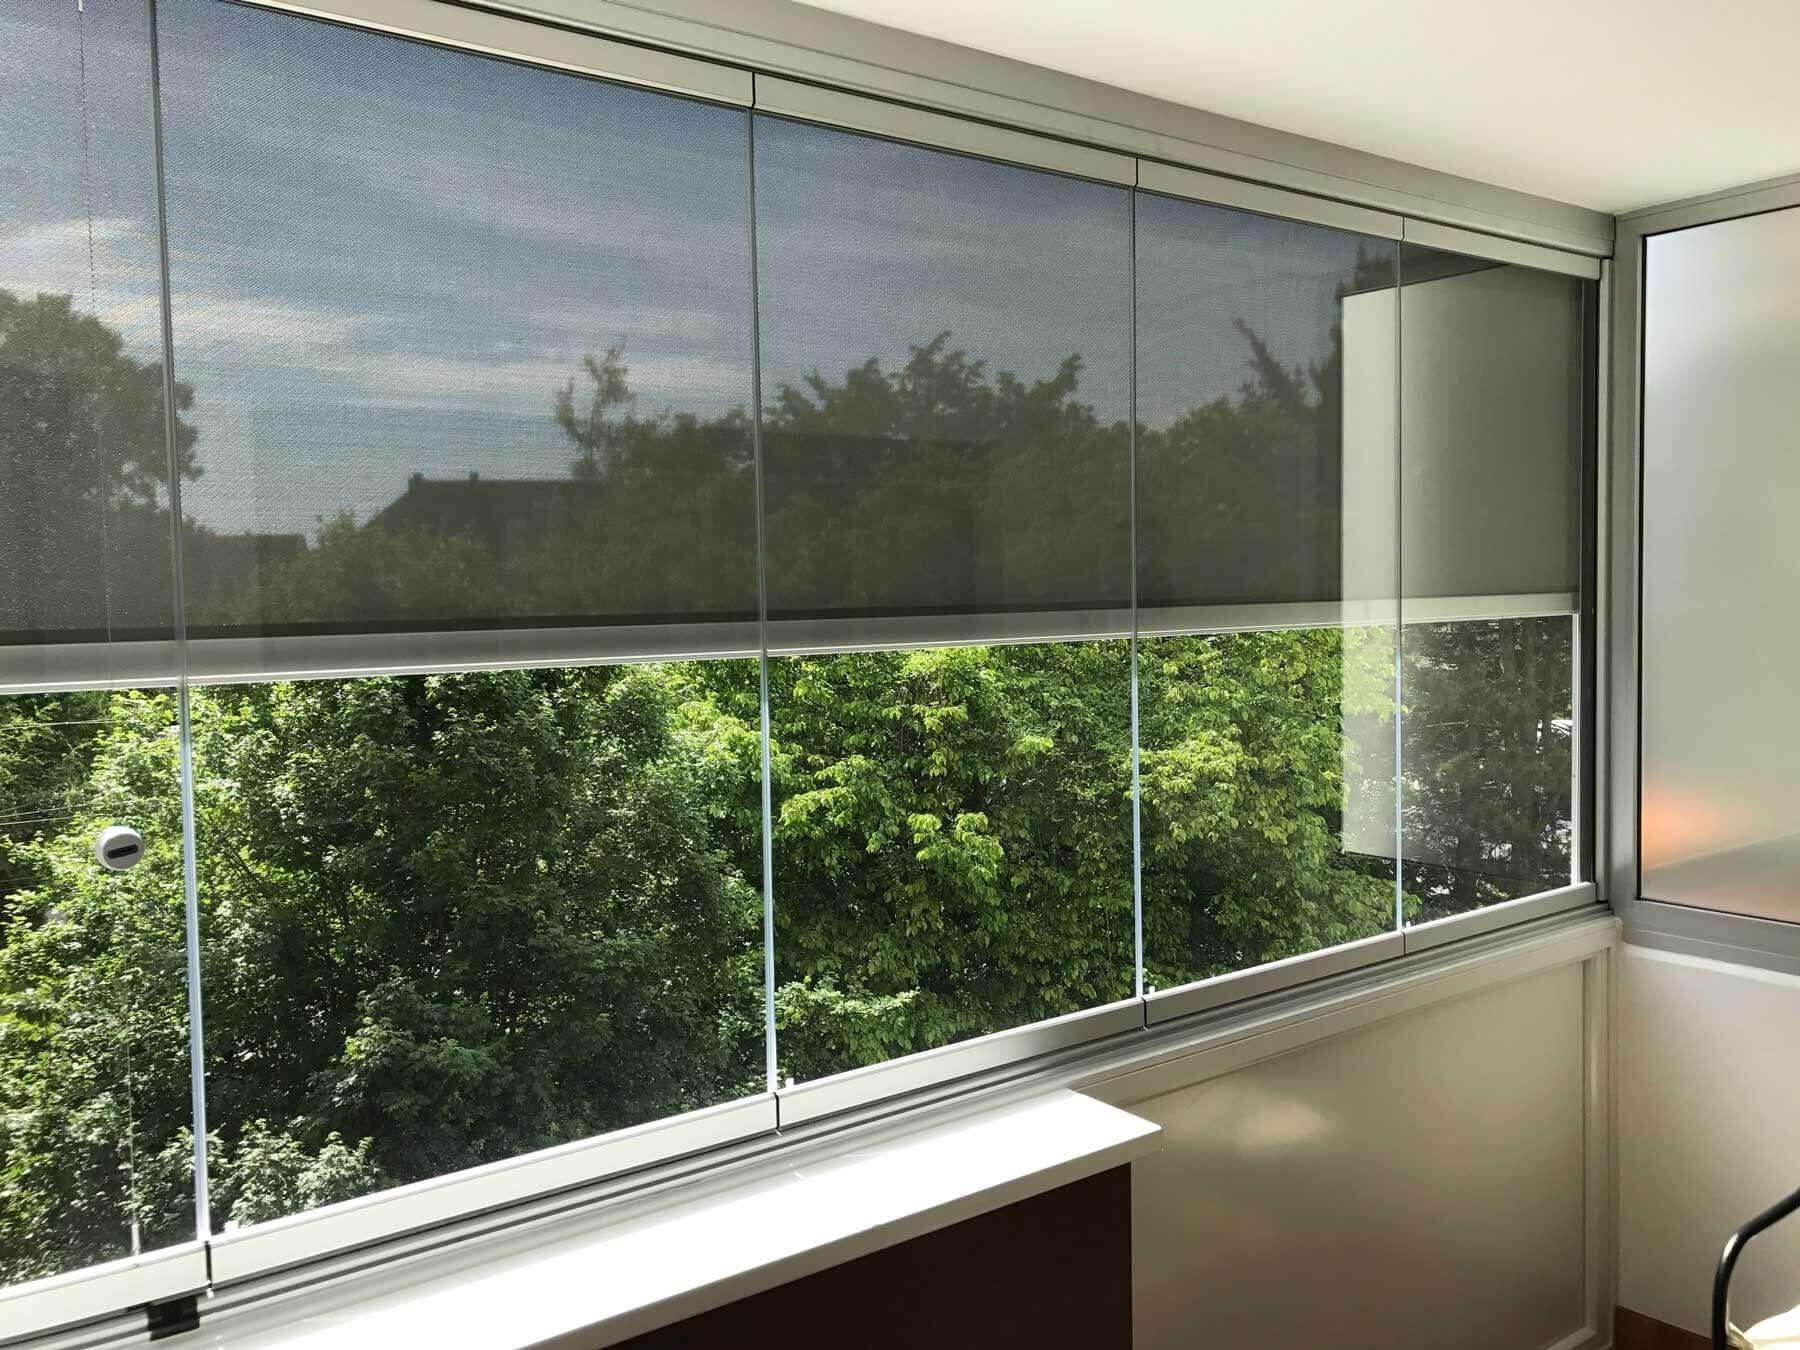 Balkonverbau Glas zum Falten Sunflex SF 25 inkl Beschattung